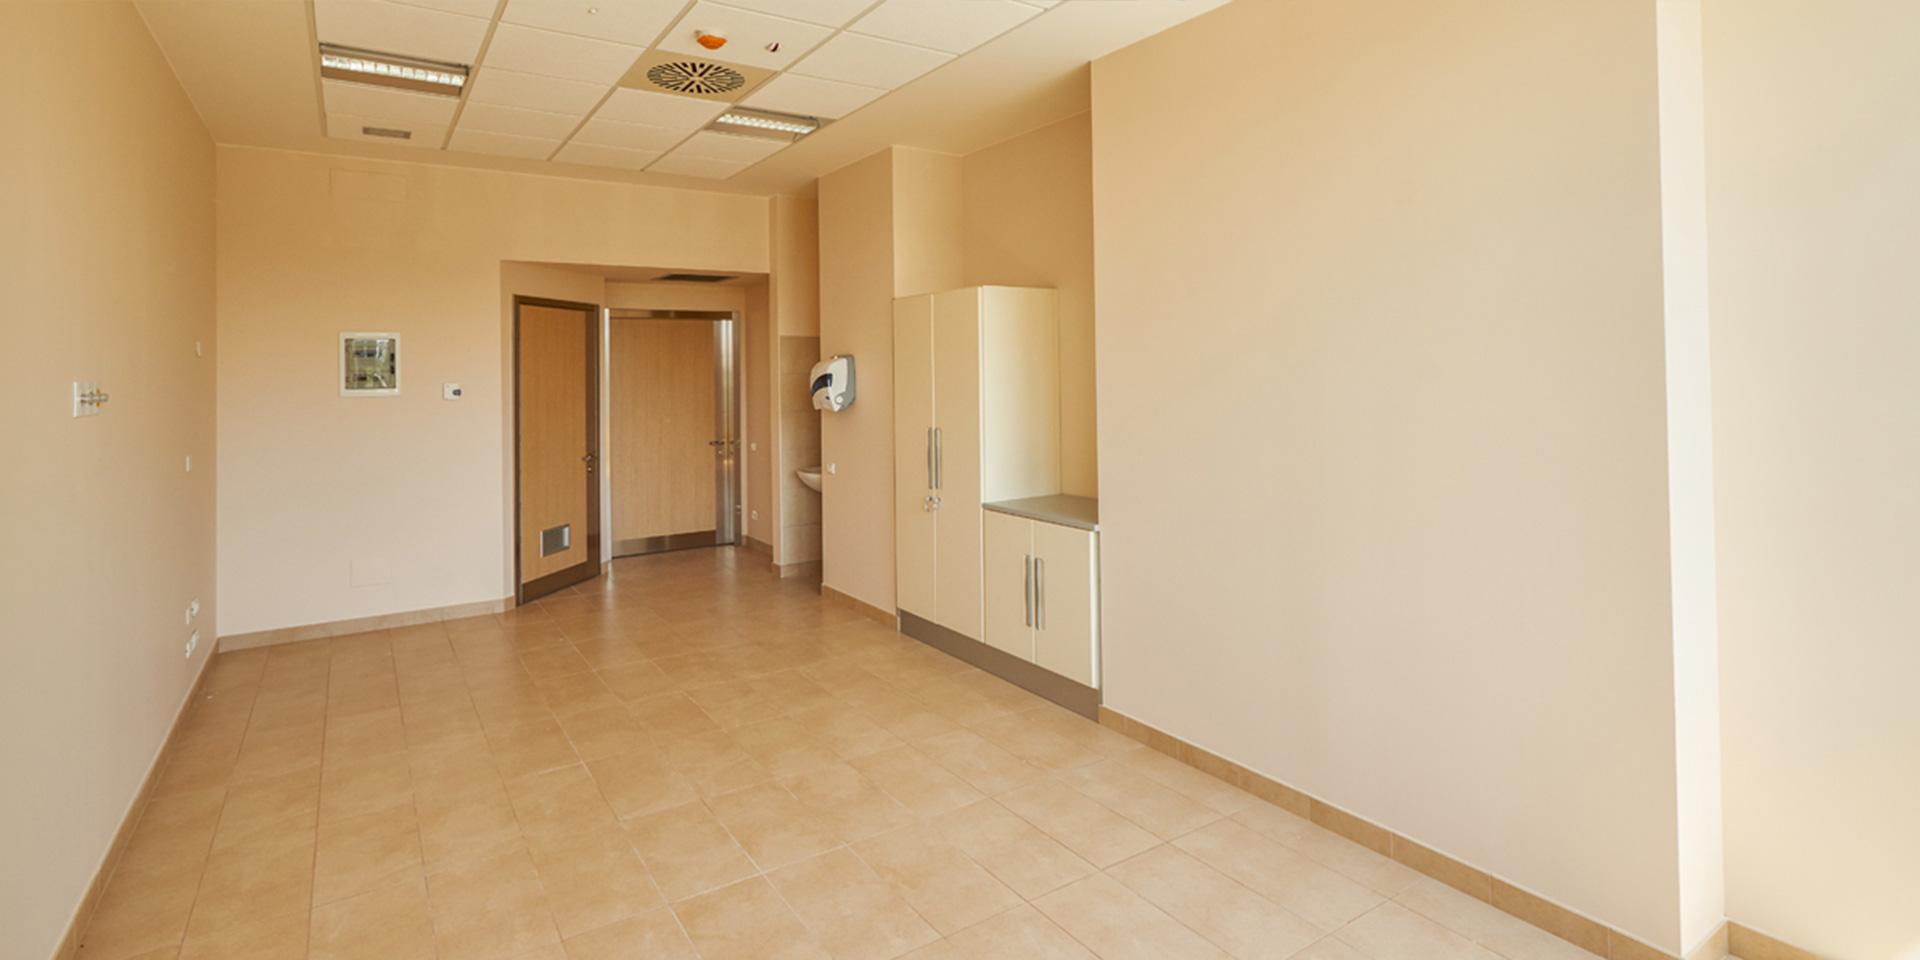 Sistema di chiusure e arredi per il social housing, Binini Partners, Società di architettura e ingegneria